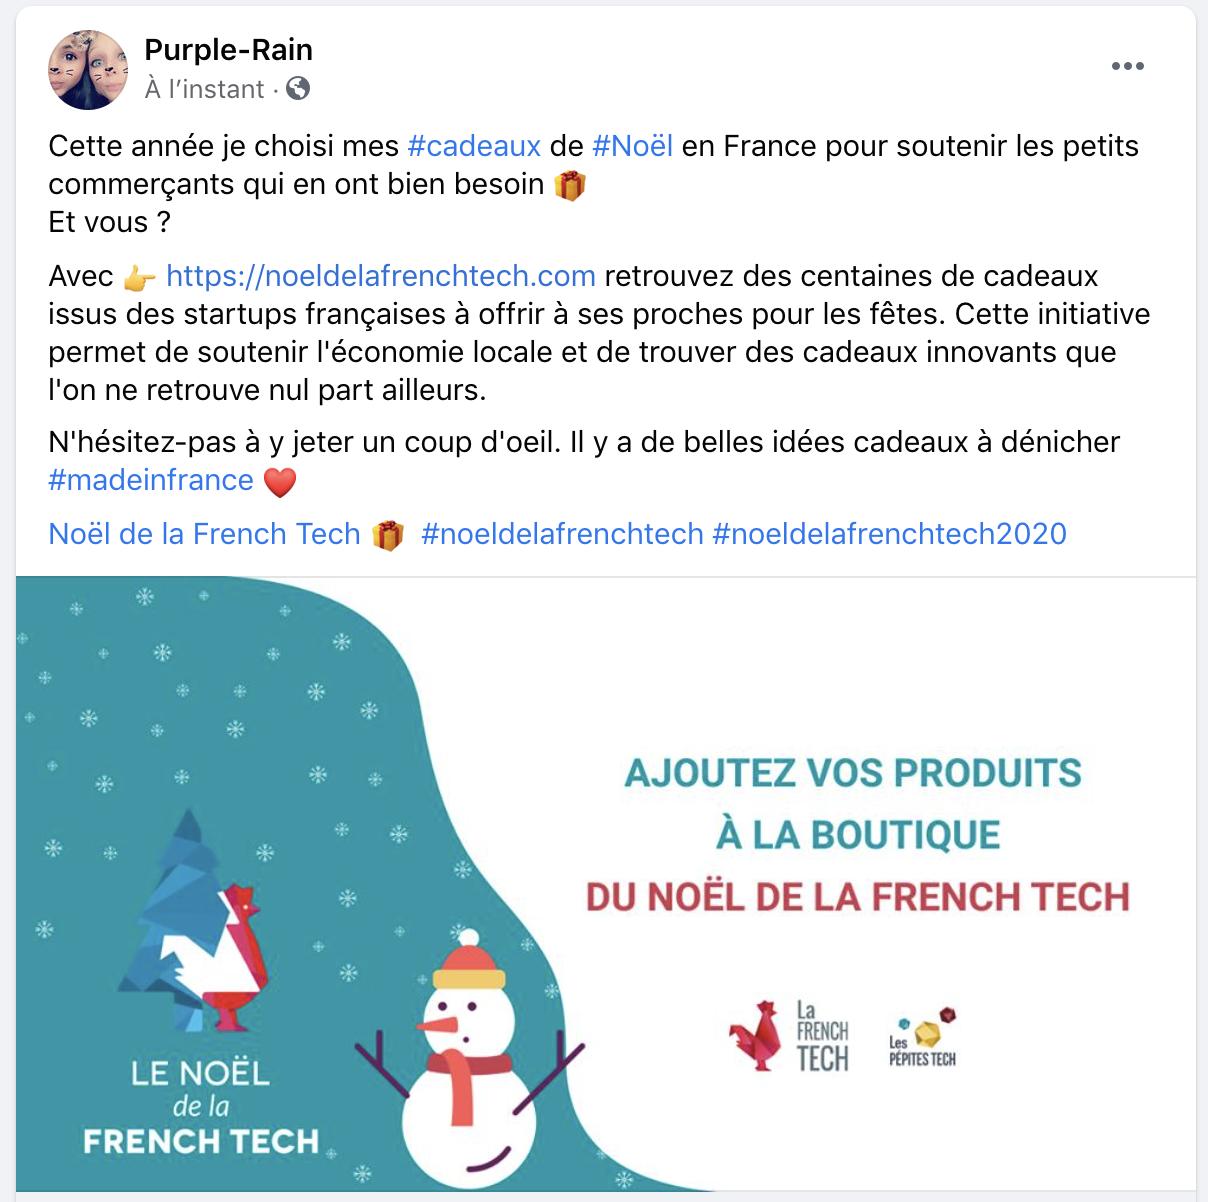 Noël de la French Tech